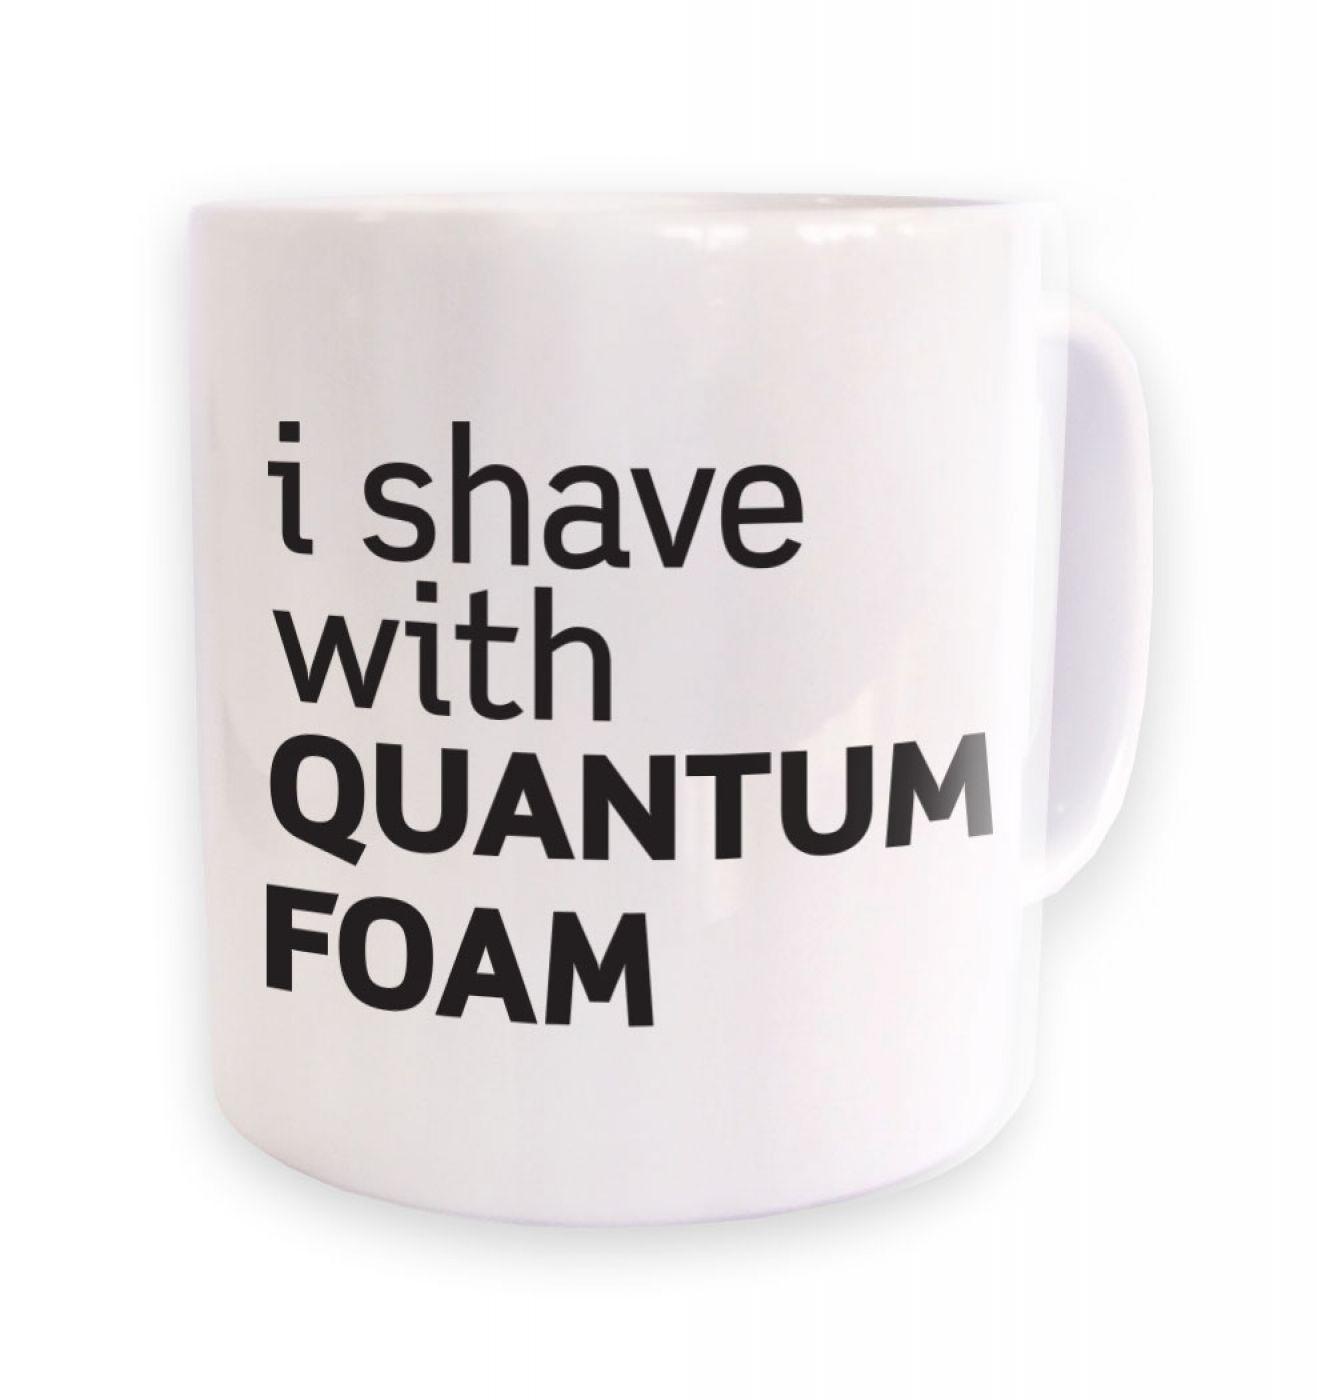 Quantum Foam Mug